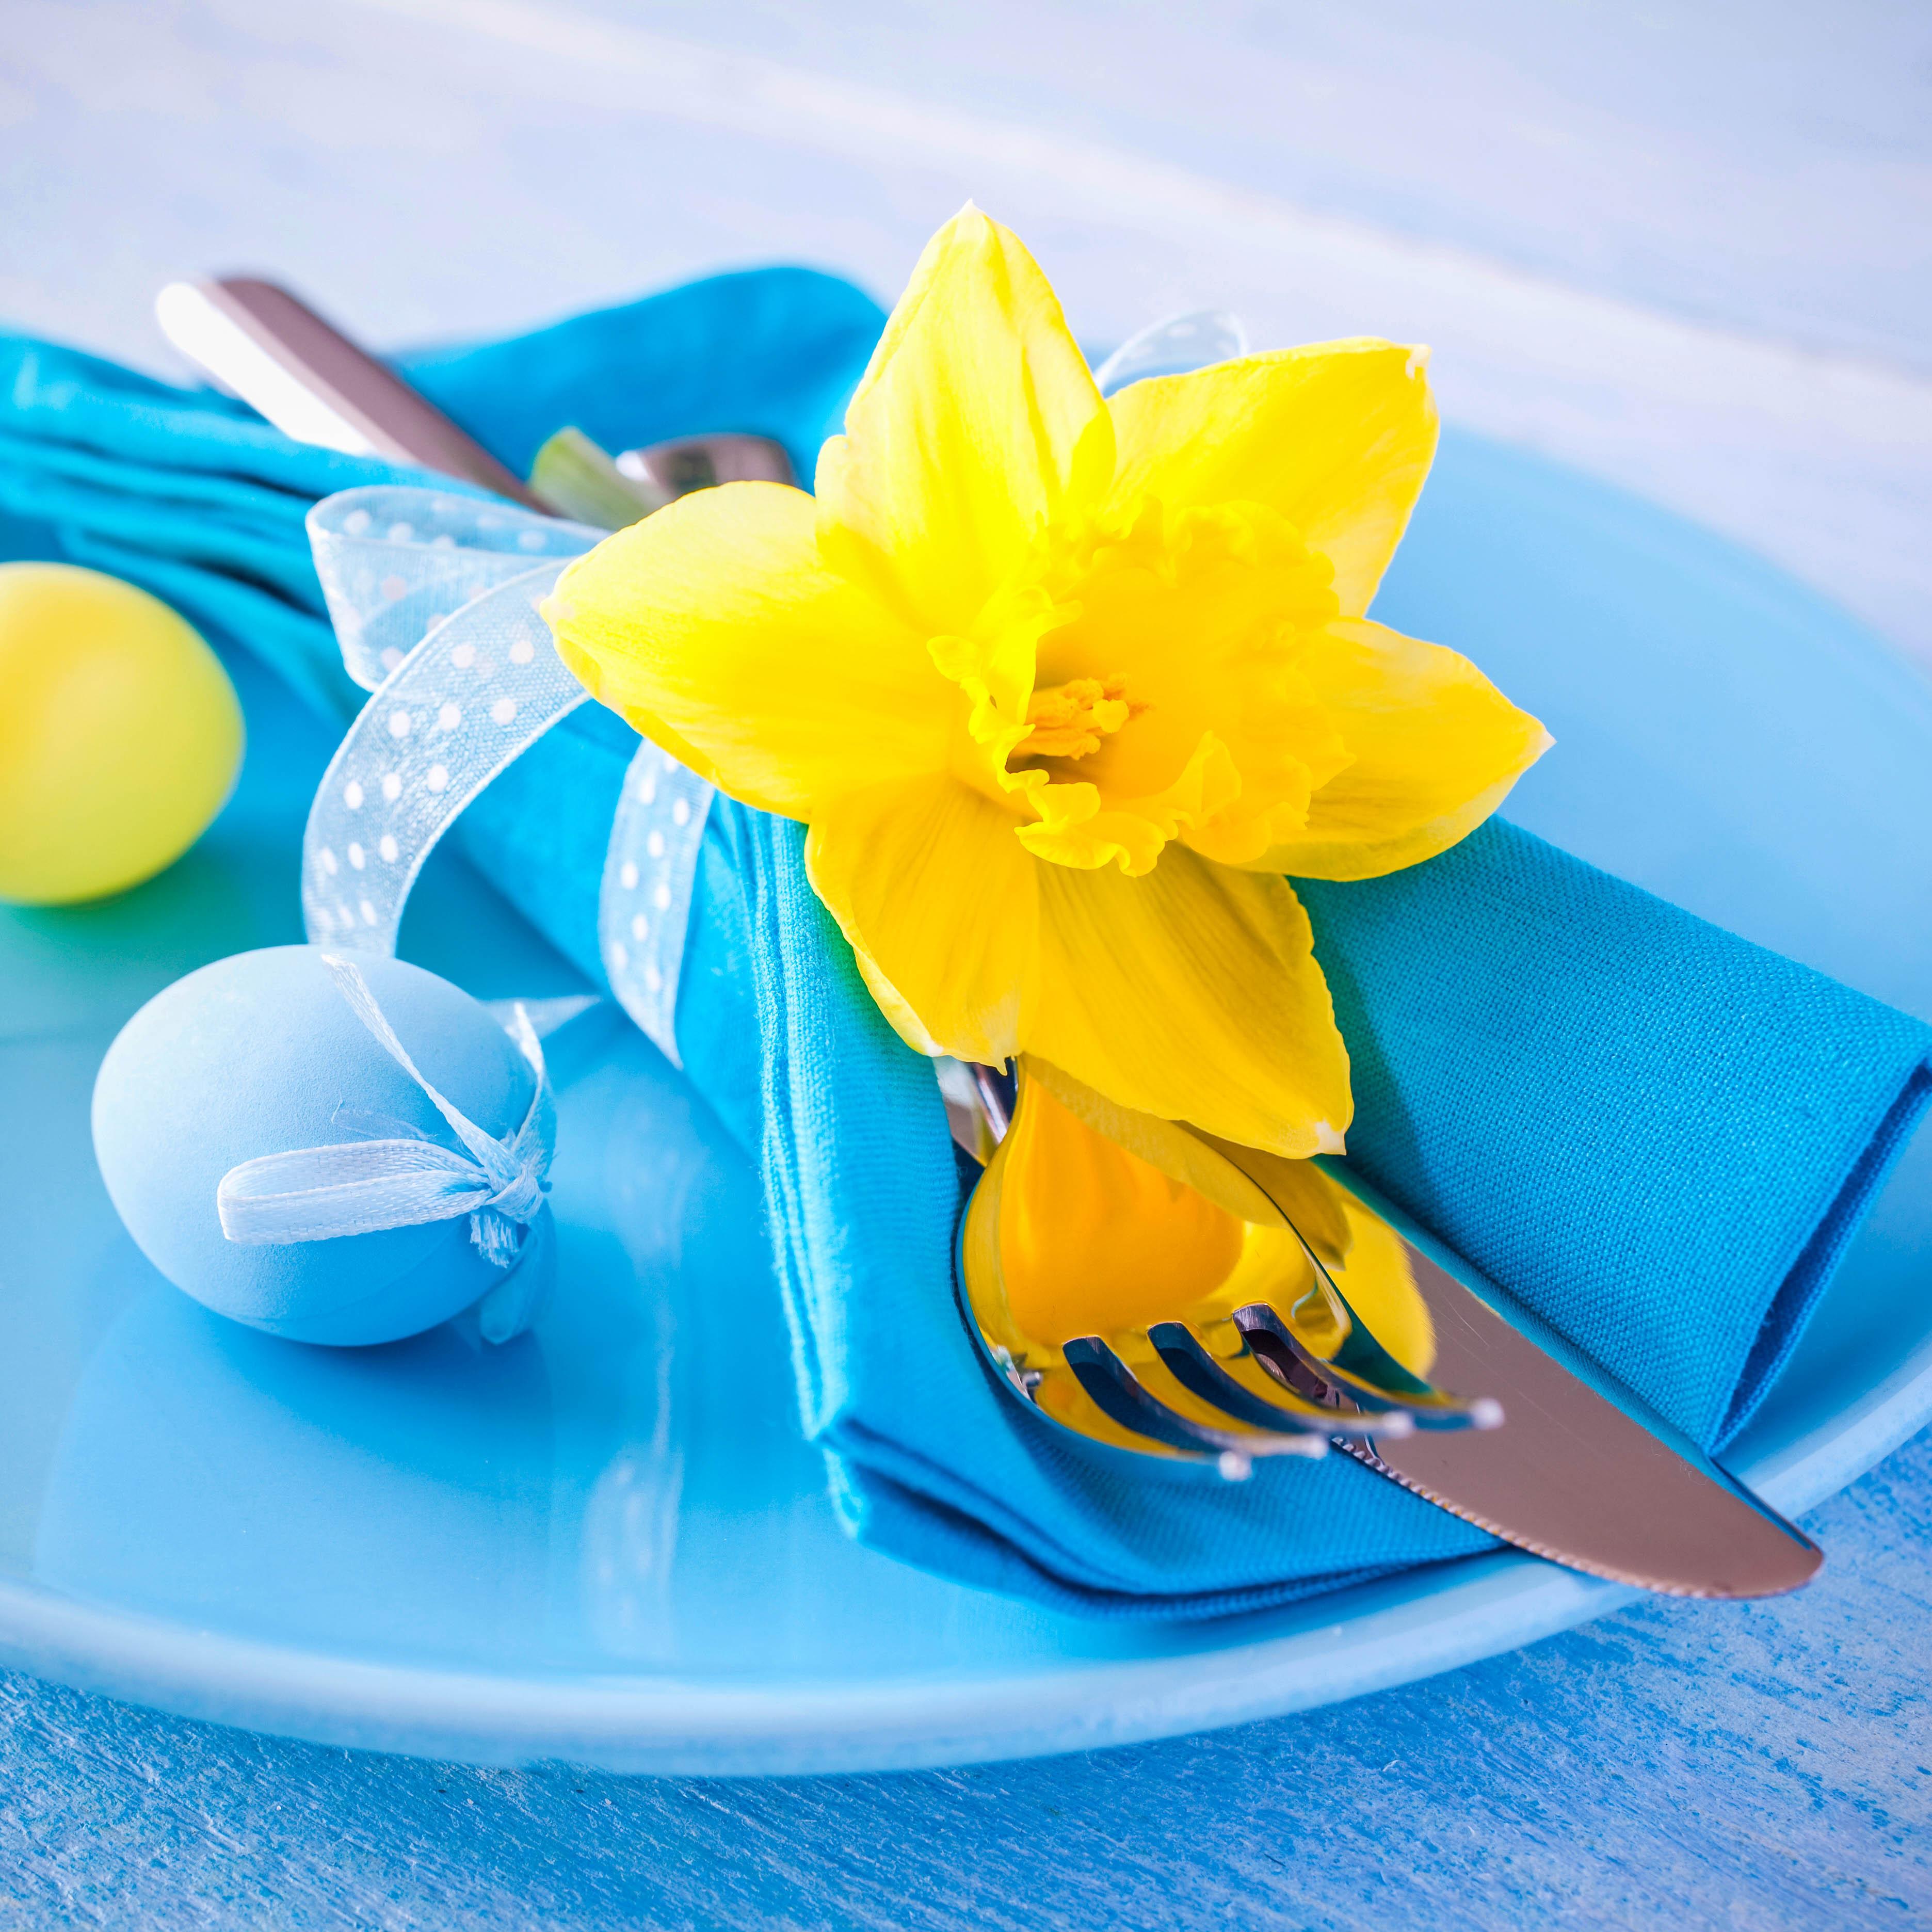 Daffodil on a plate